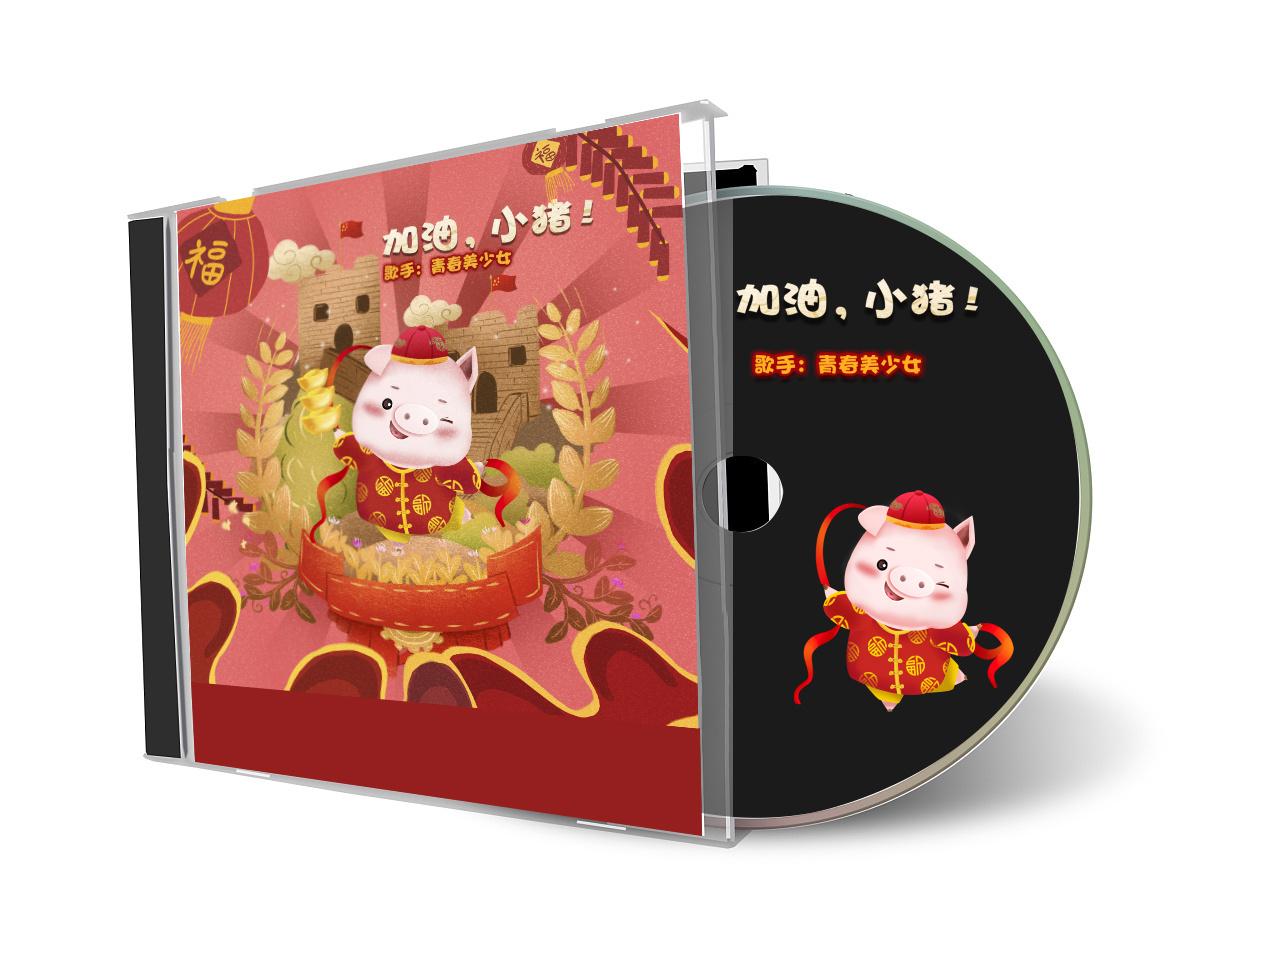 2019 猪年封面|平面|其他平面|幸福微甜jj - 原创作品图片